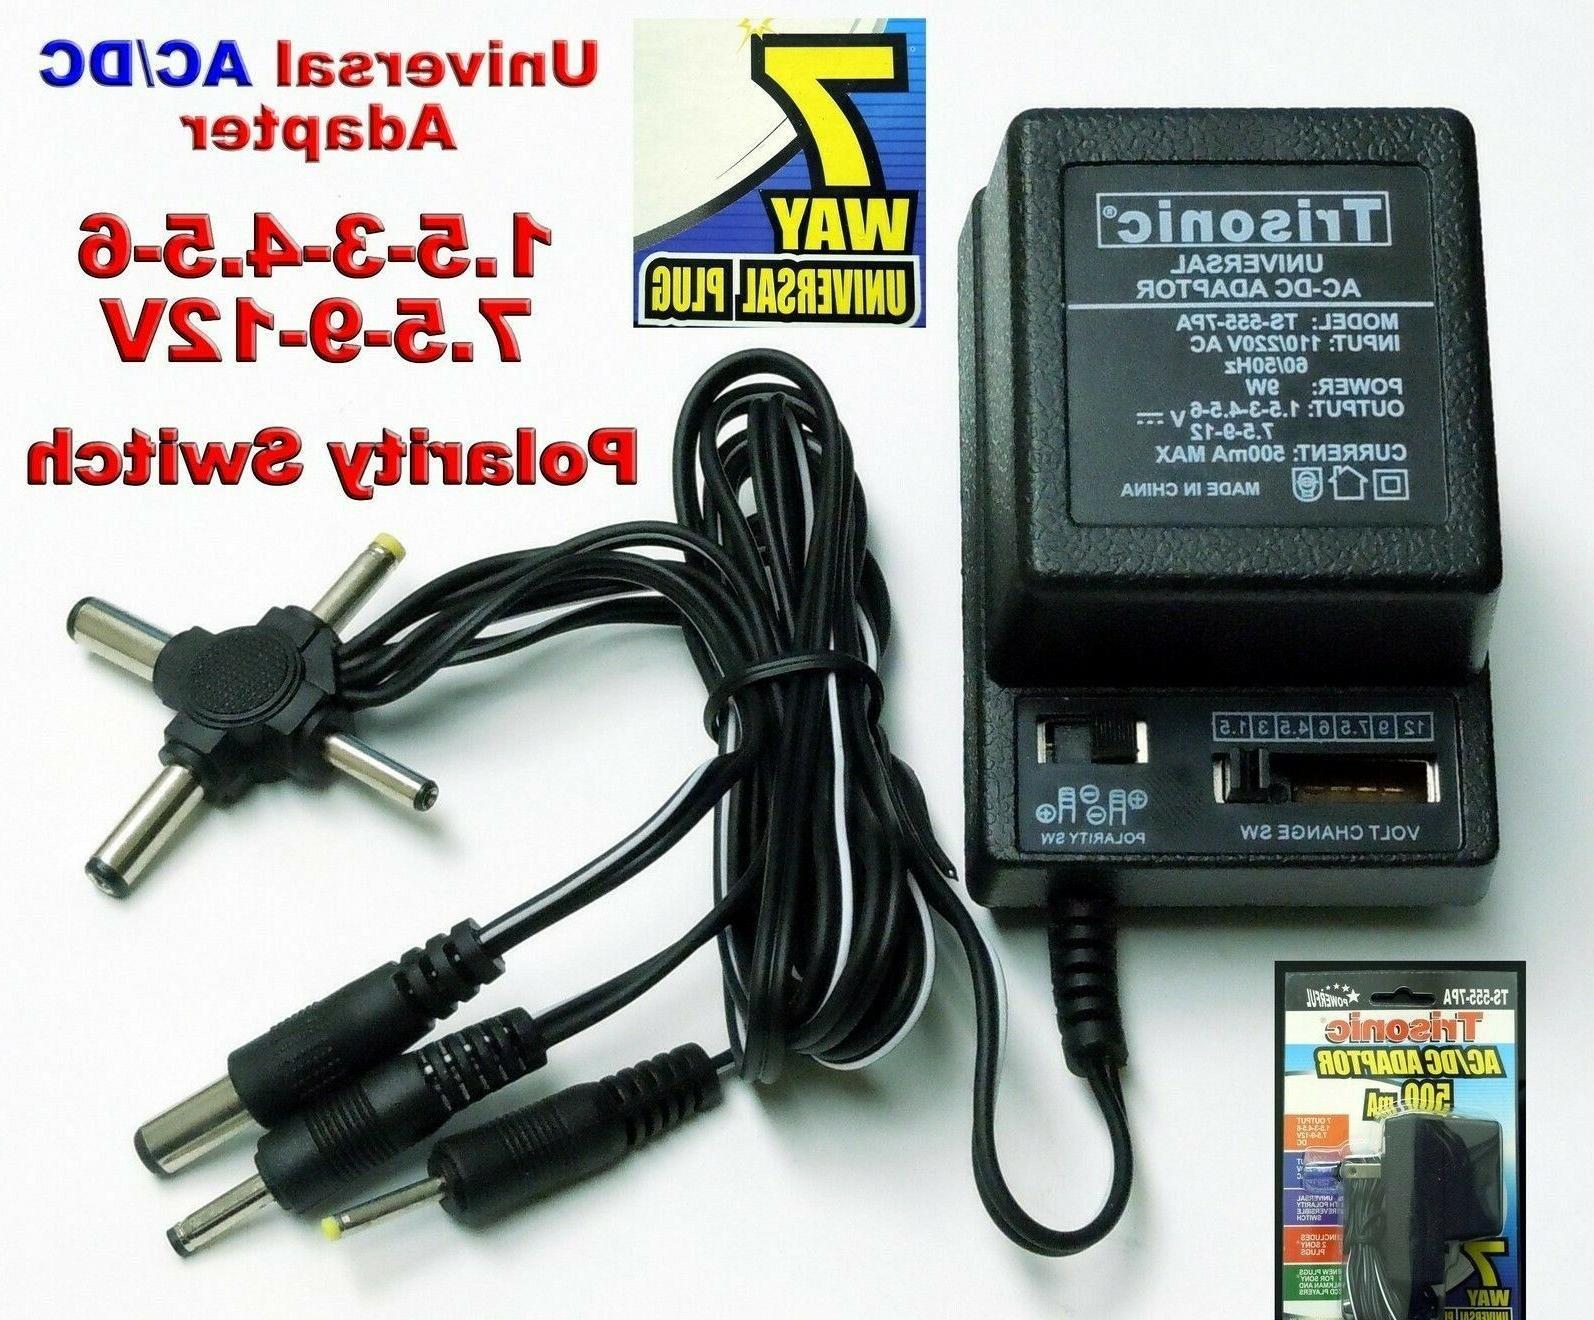 Universal ac/dc power adapter output 3V 4.5V 6V 7.5V 9V 12V